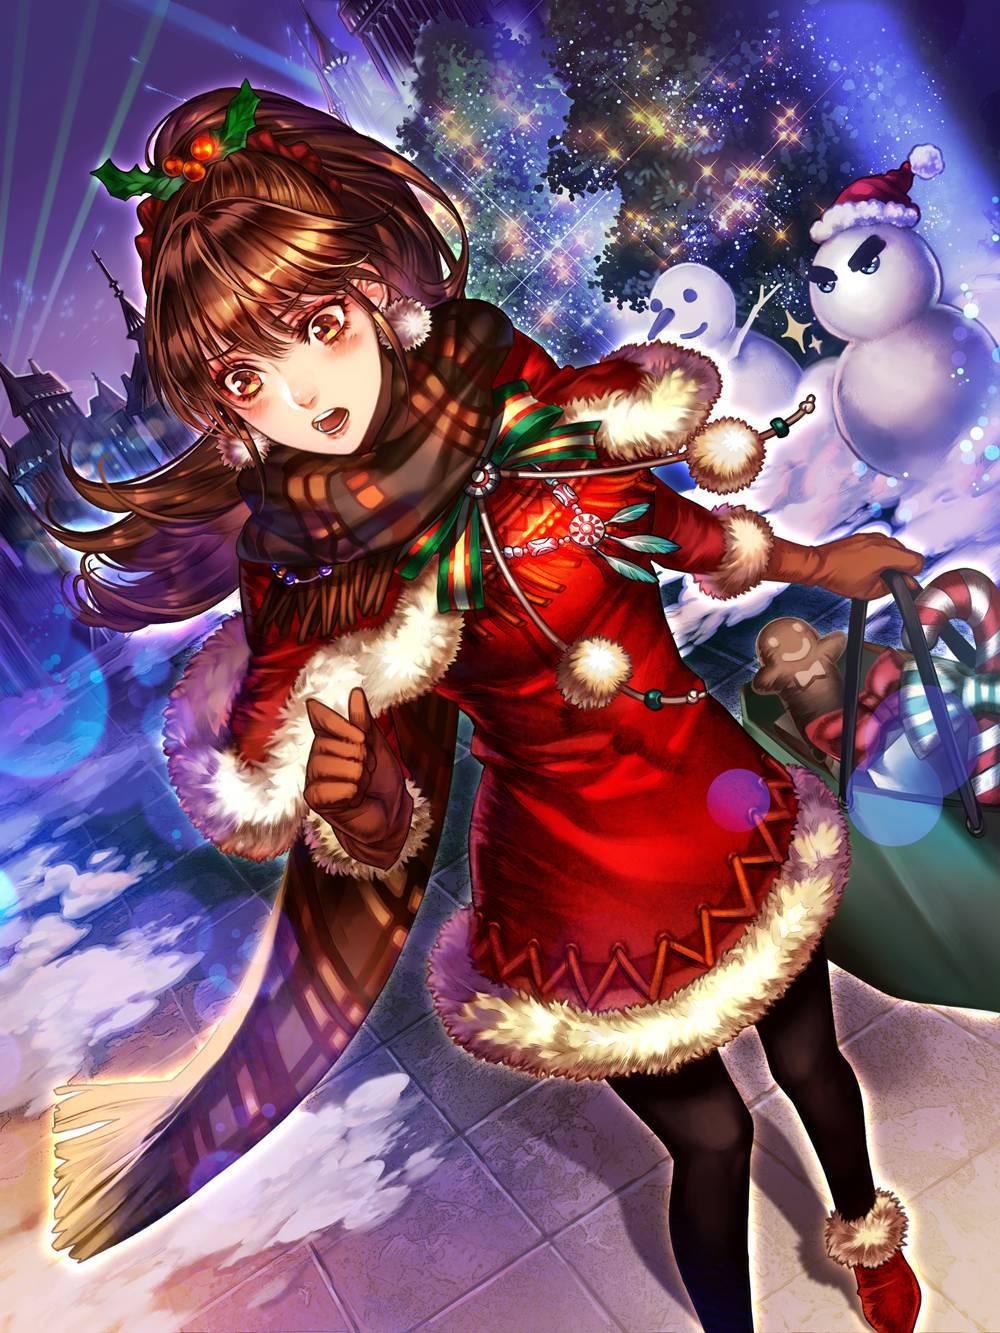 【ロマサガRS】インサガのクリスマスキャラ達がこれってマジ!? ← これはどうなのだ・・?